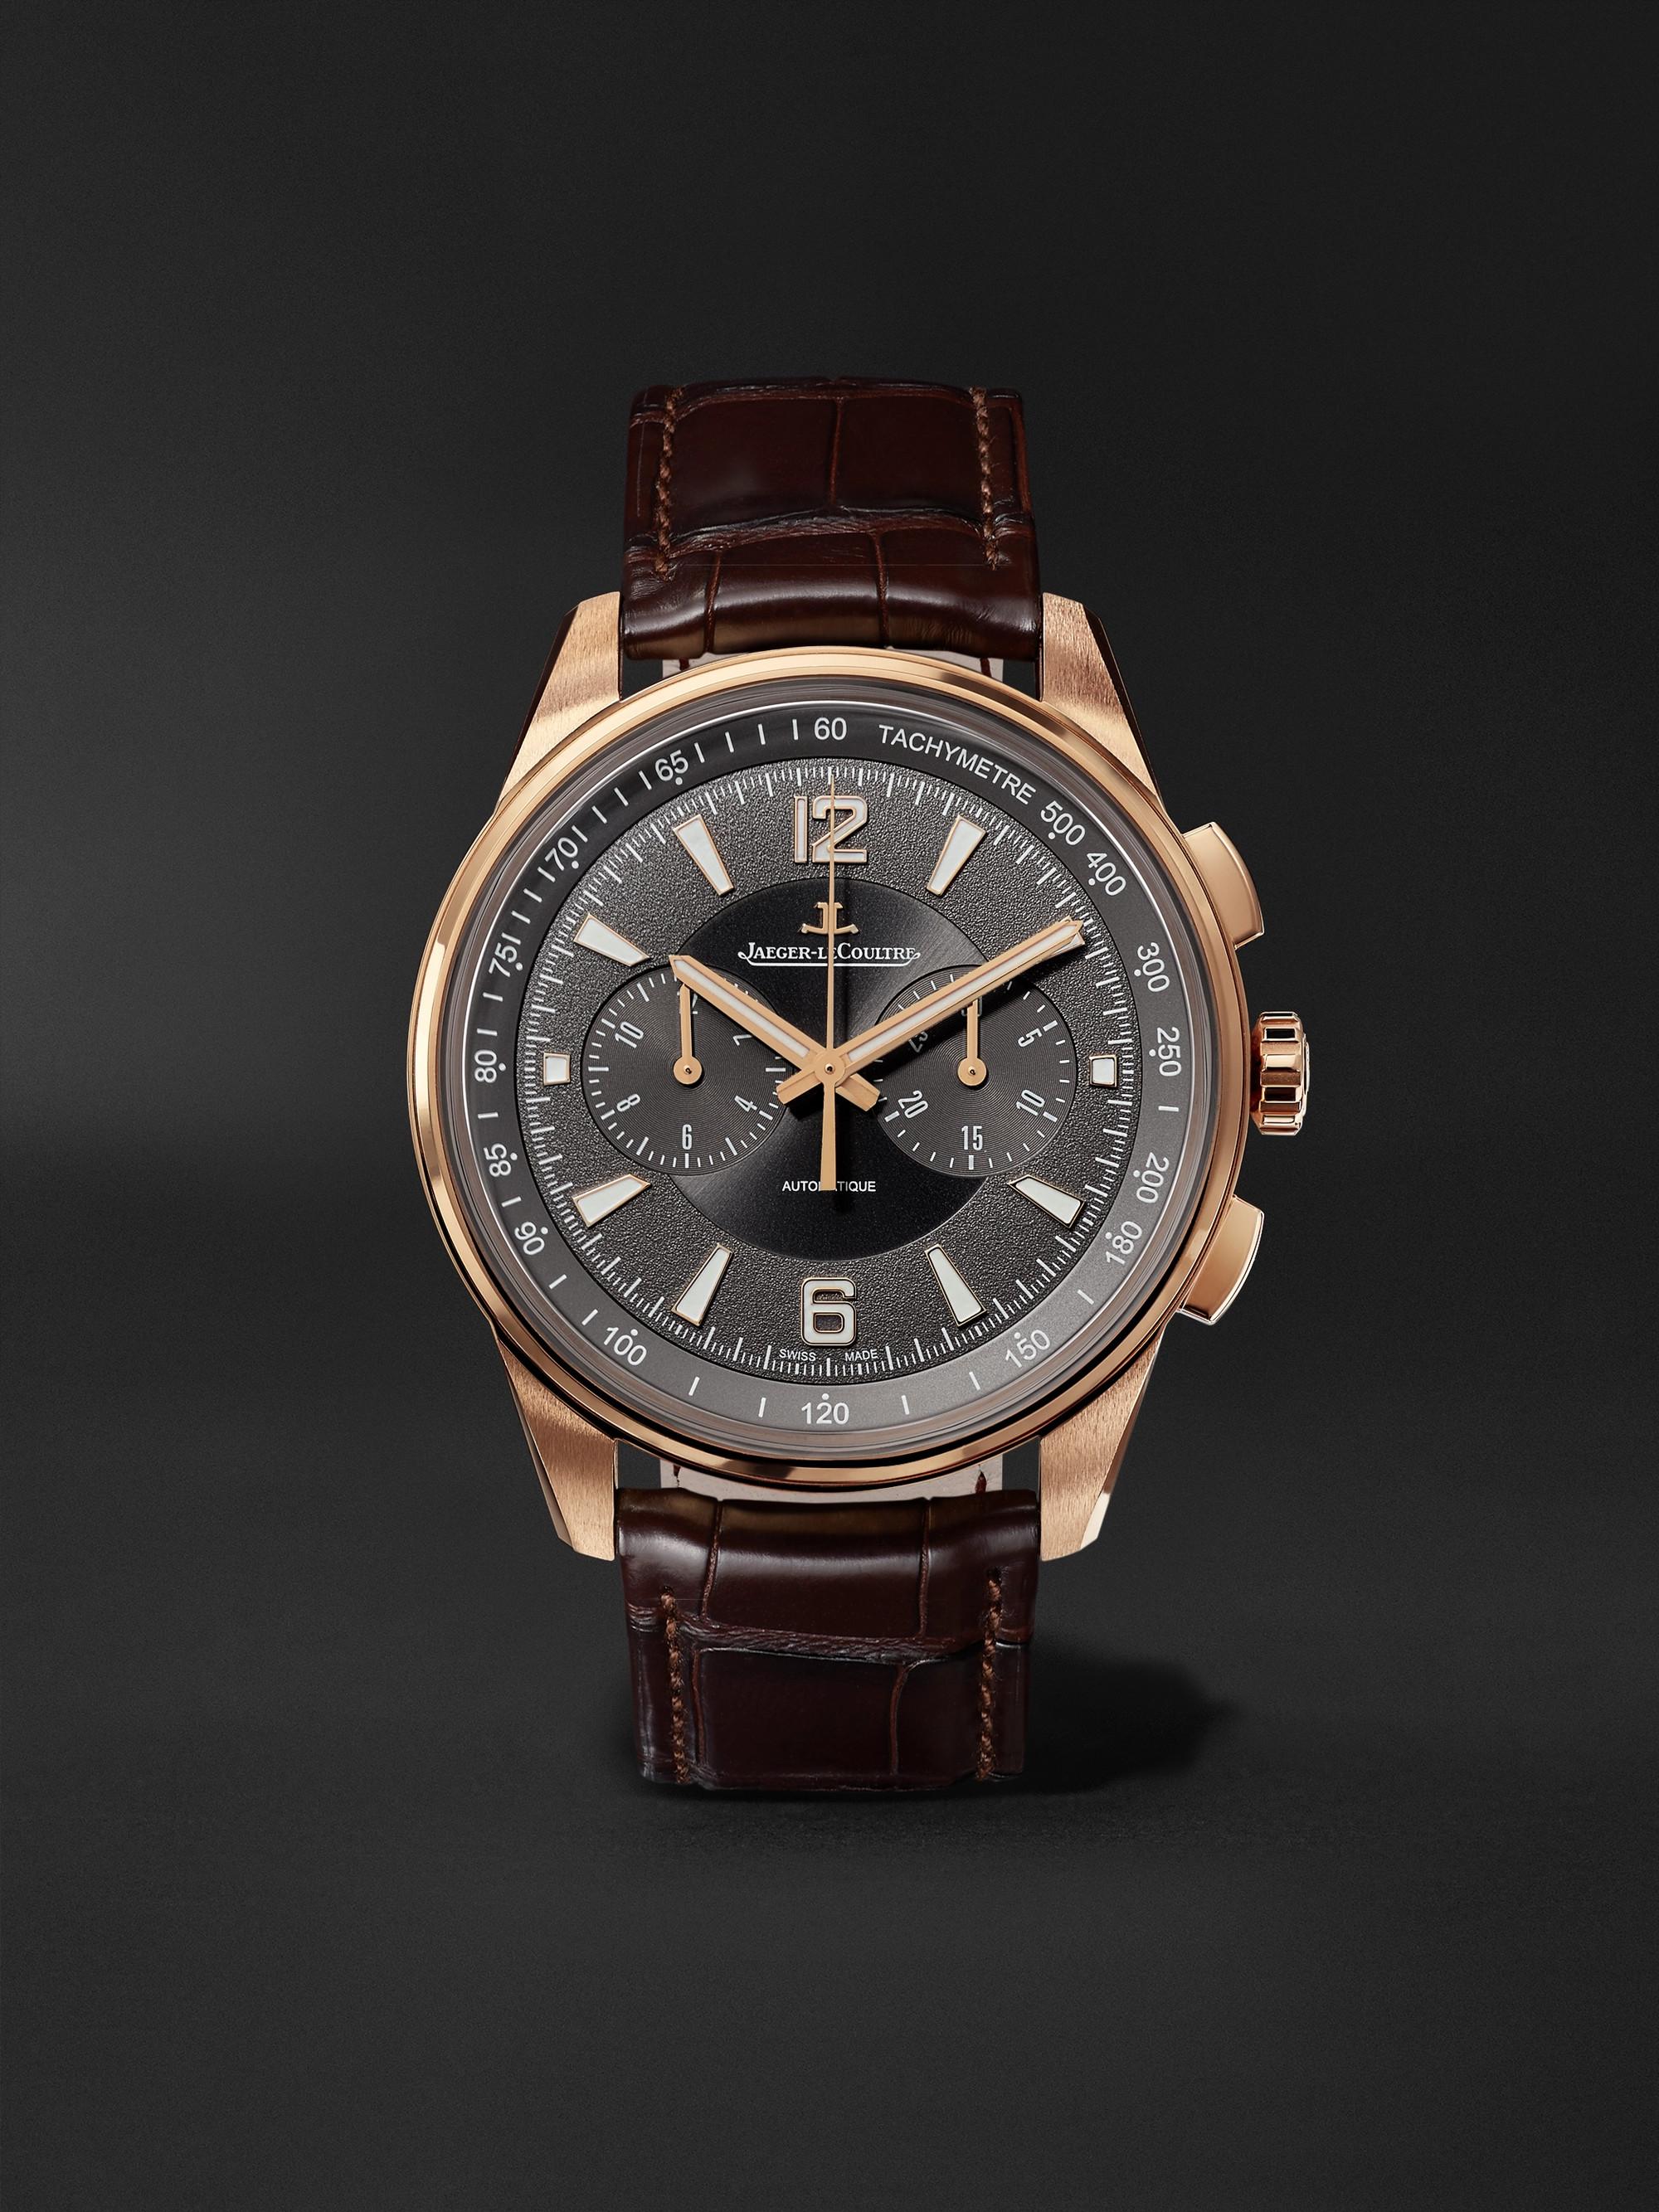 Jaeger-LeCoultre Polaris Automatic Chronograph Ref. No. Q9022450